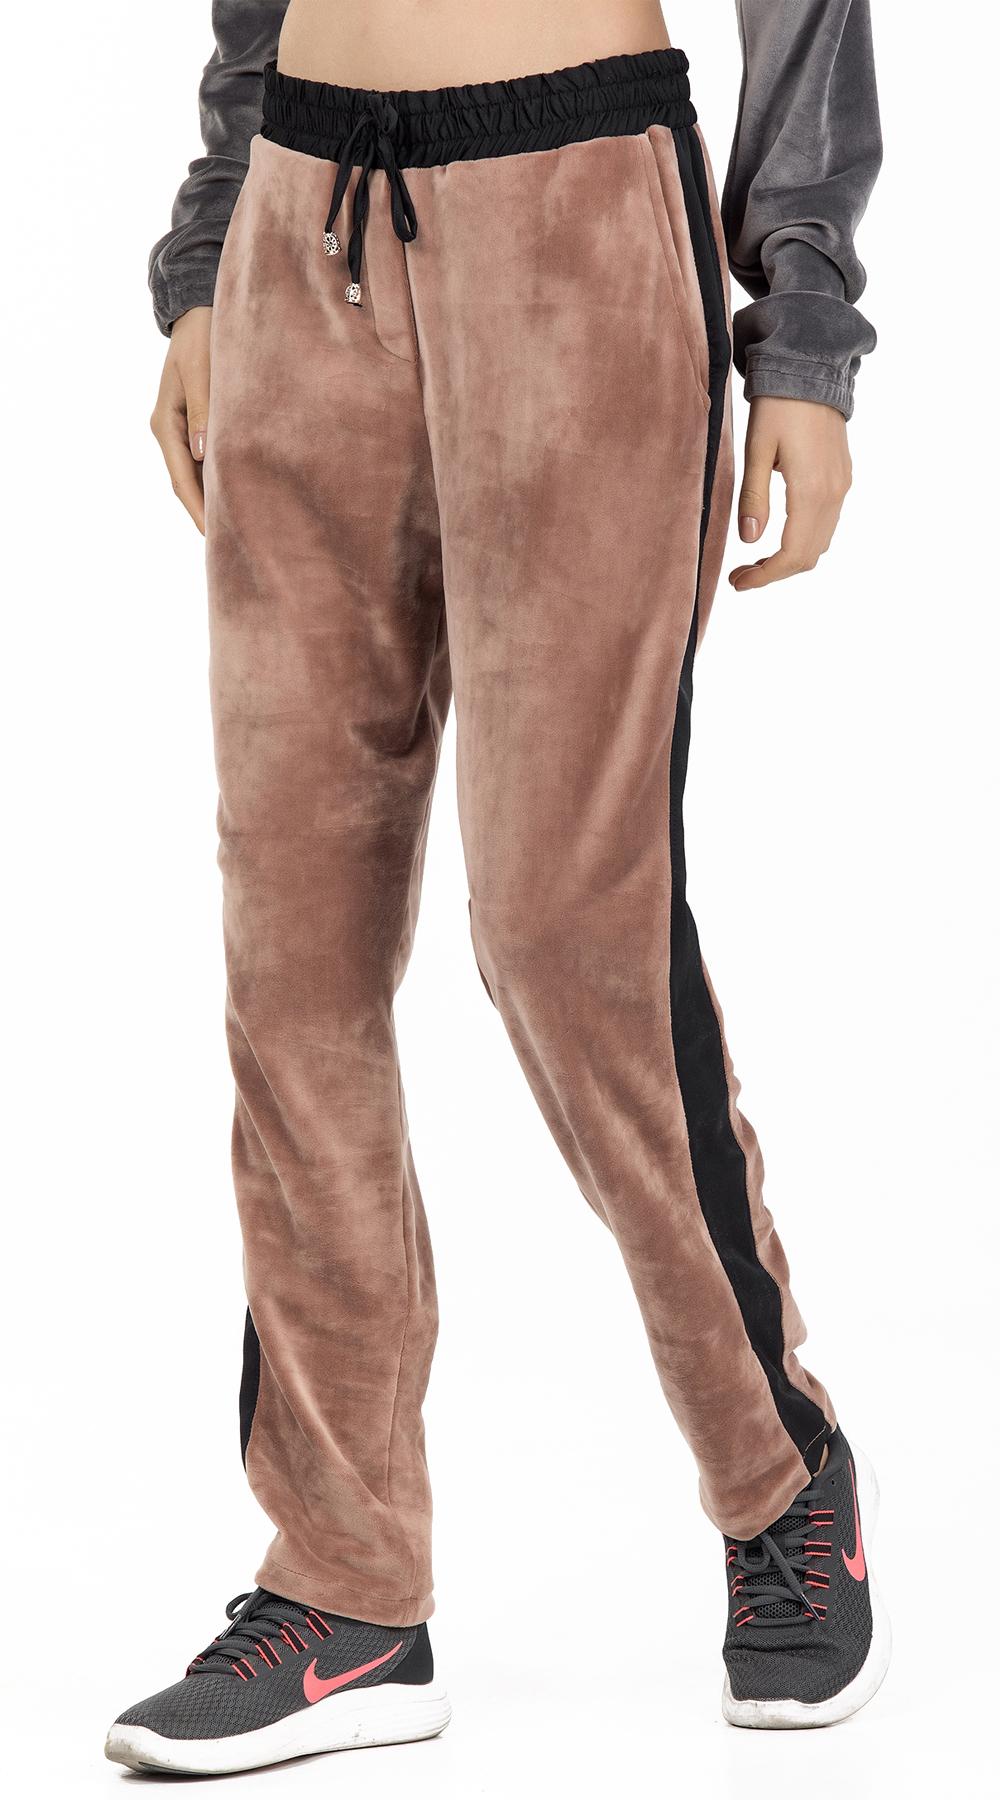 Γυναικείο βελούδινο παντελόνι φόρμας με ρίγα στο πλάι Online - ONLINE - FA17ON-3 top trends casual chic